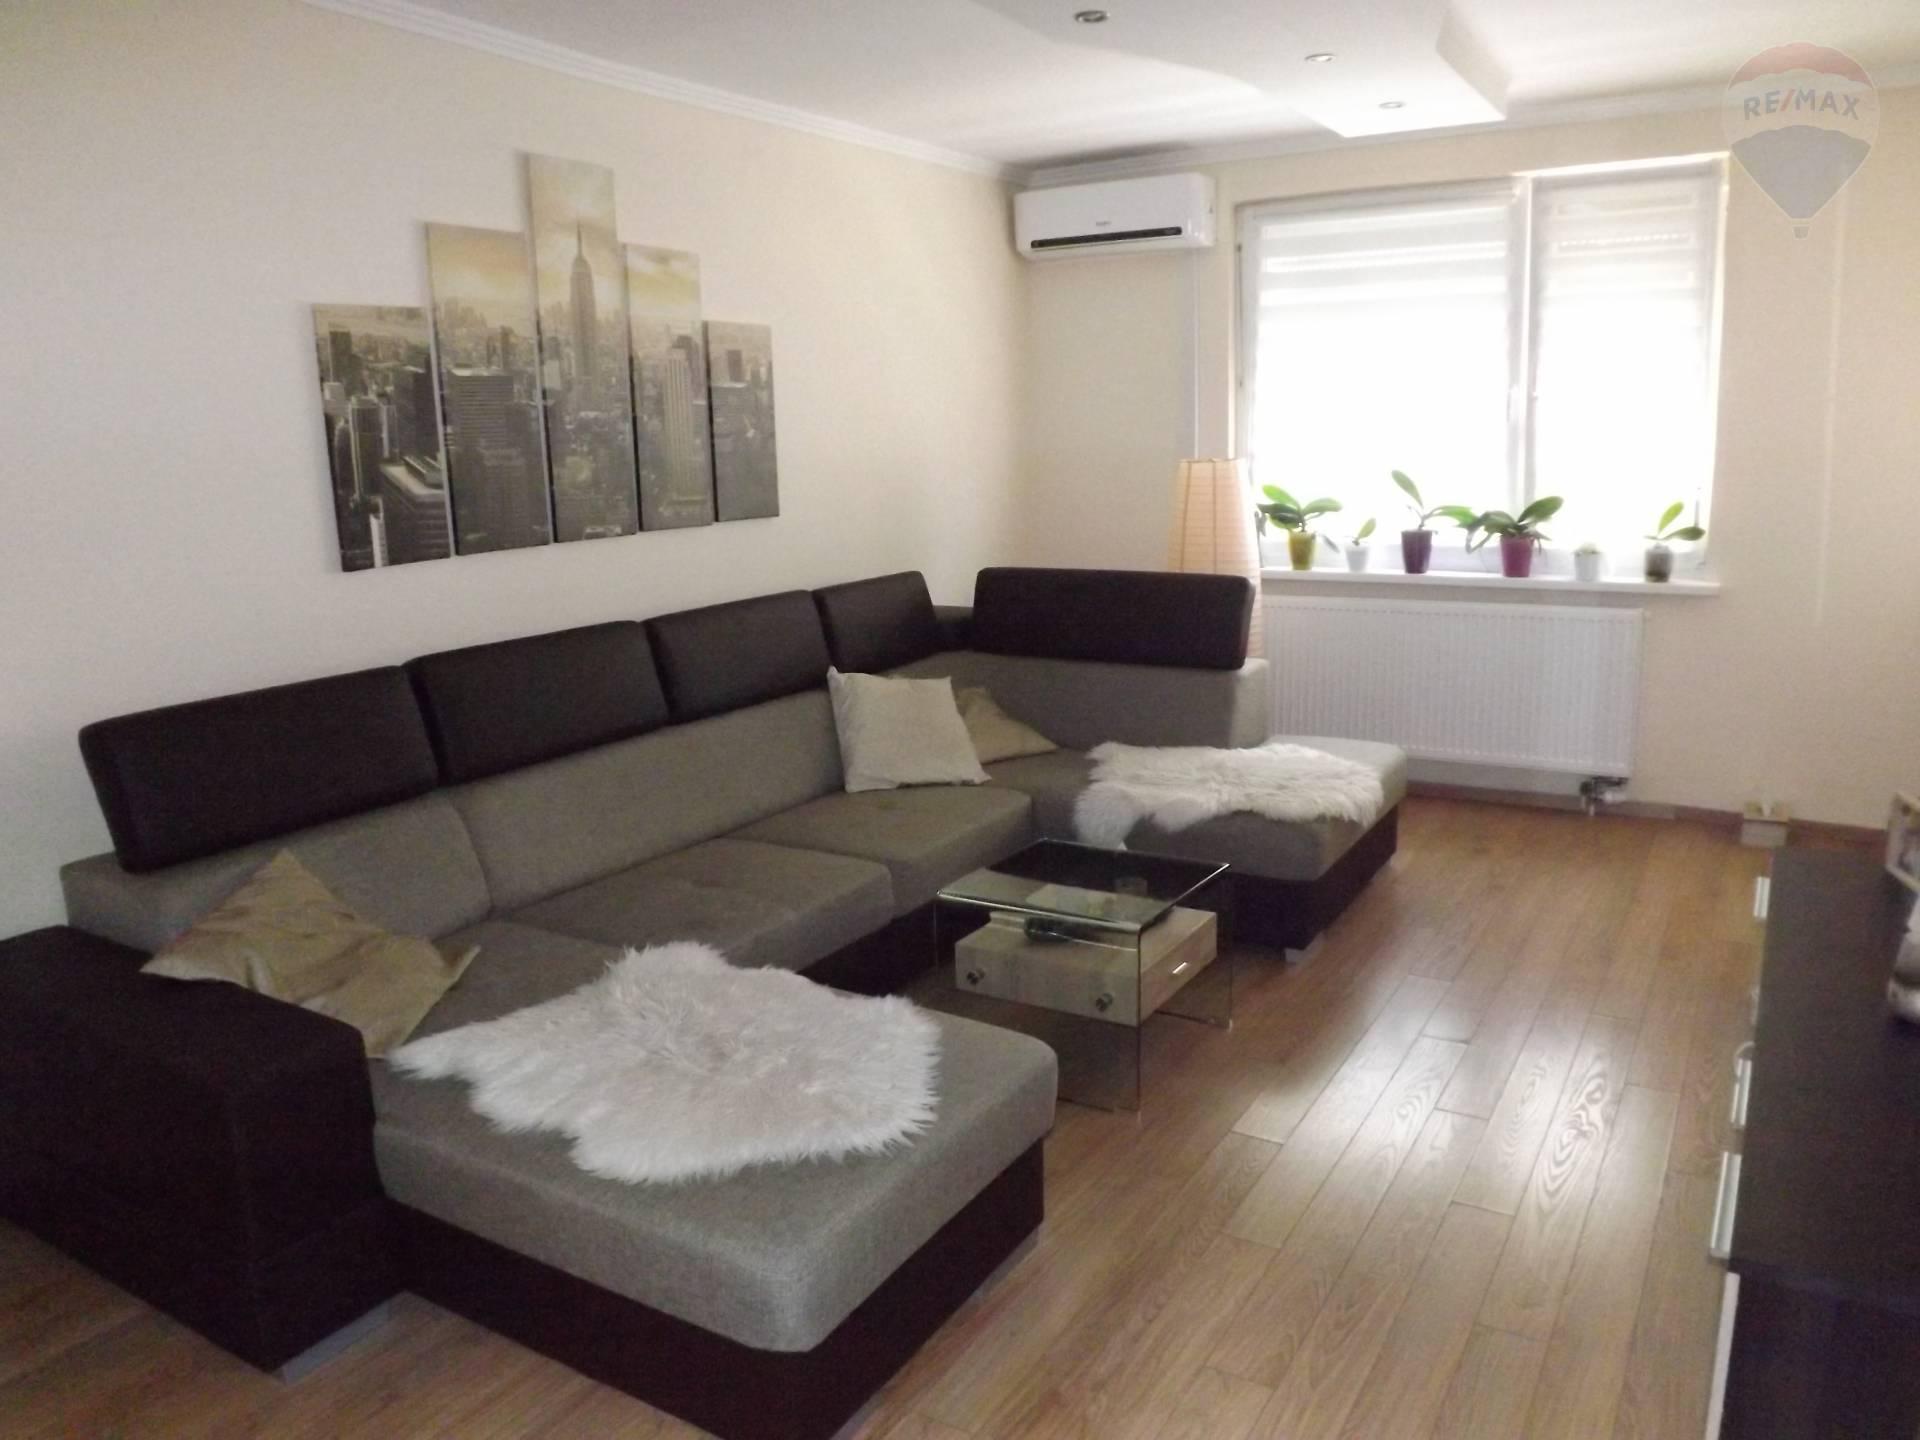 Predaj bytu (3 izbový) 66 m2, Veľký Meder -